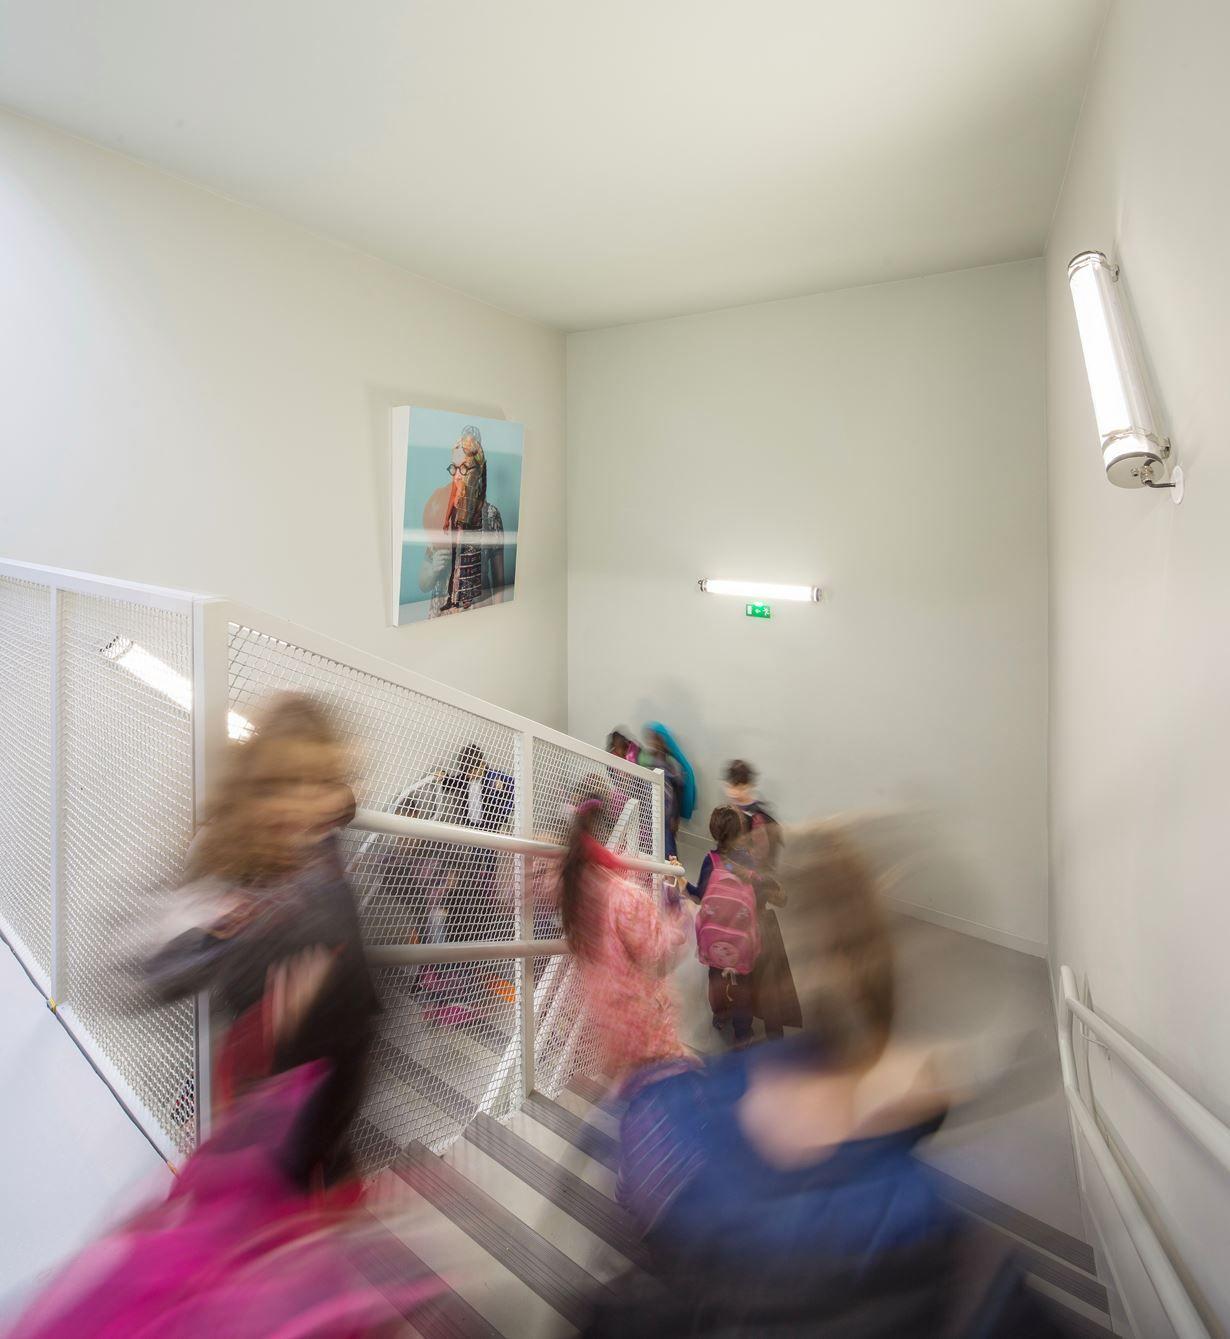 SAINT DENIS ECOLE ET RESIDENCE ETUDIANTE - Picture gallery